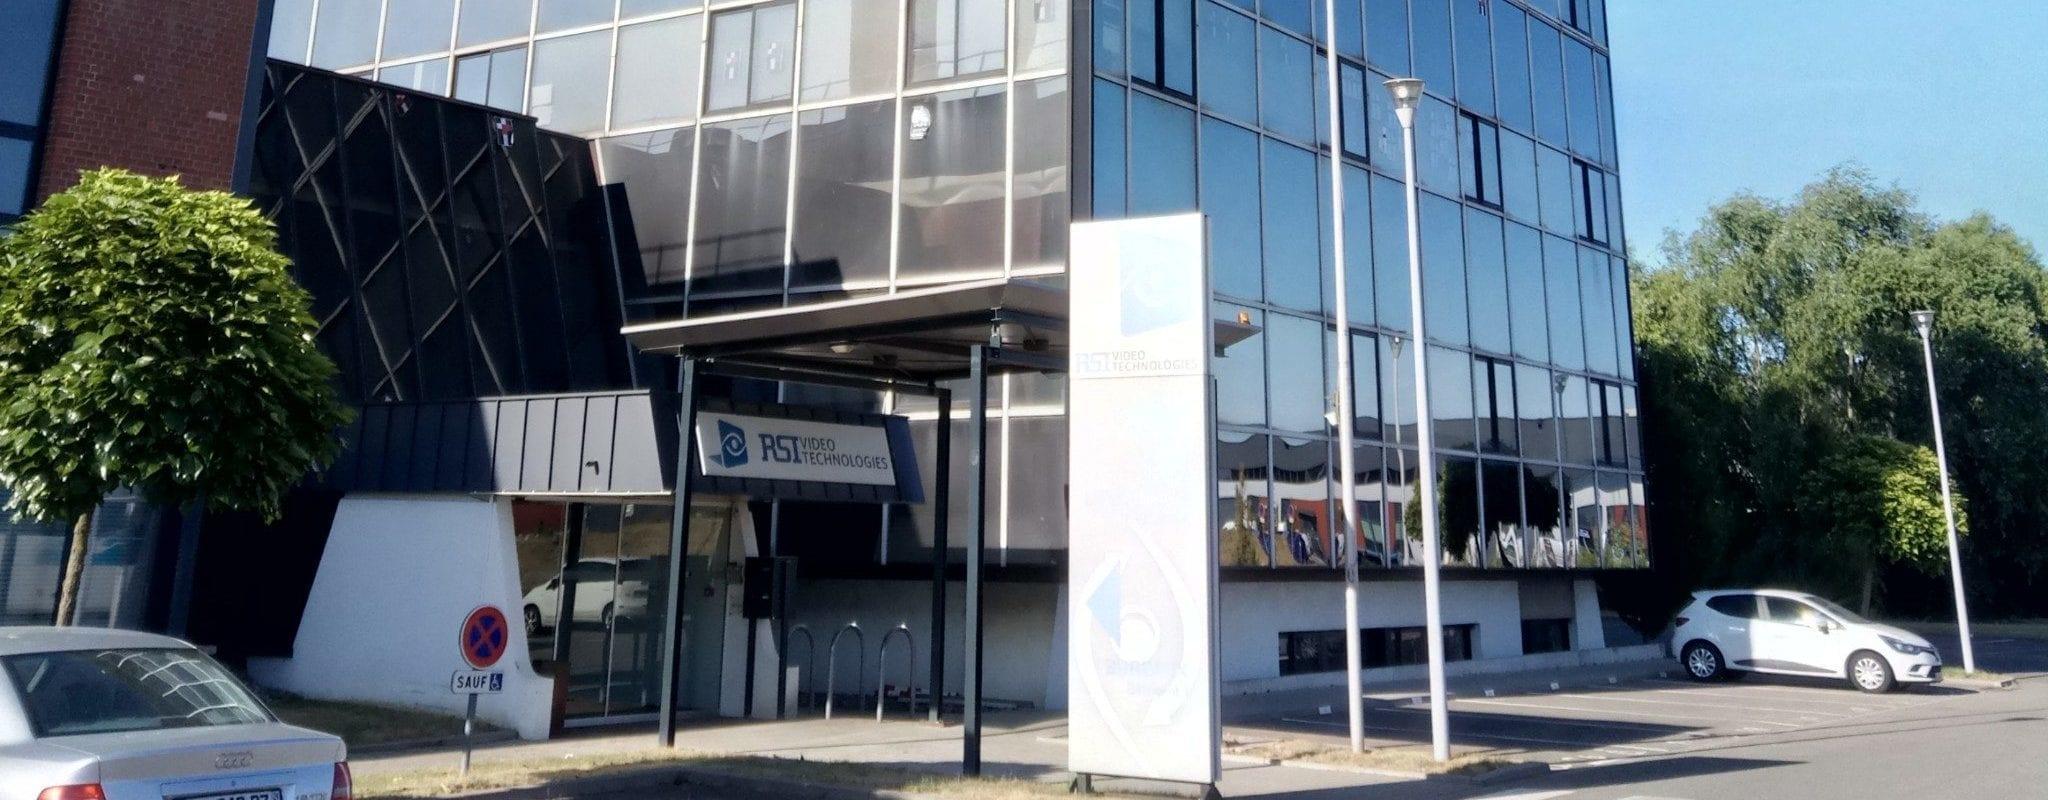 À Strasbourg, 31 emplois menacés par un plan de licenciement après un rachat